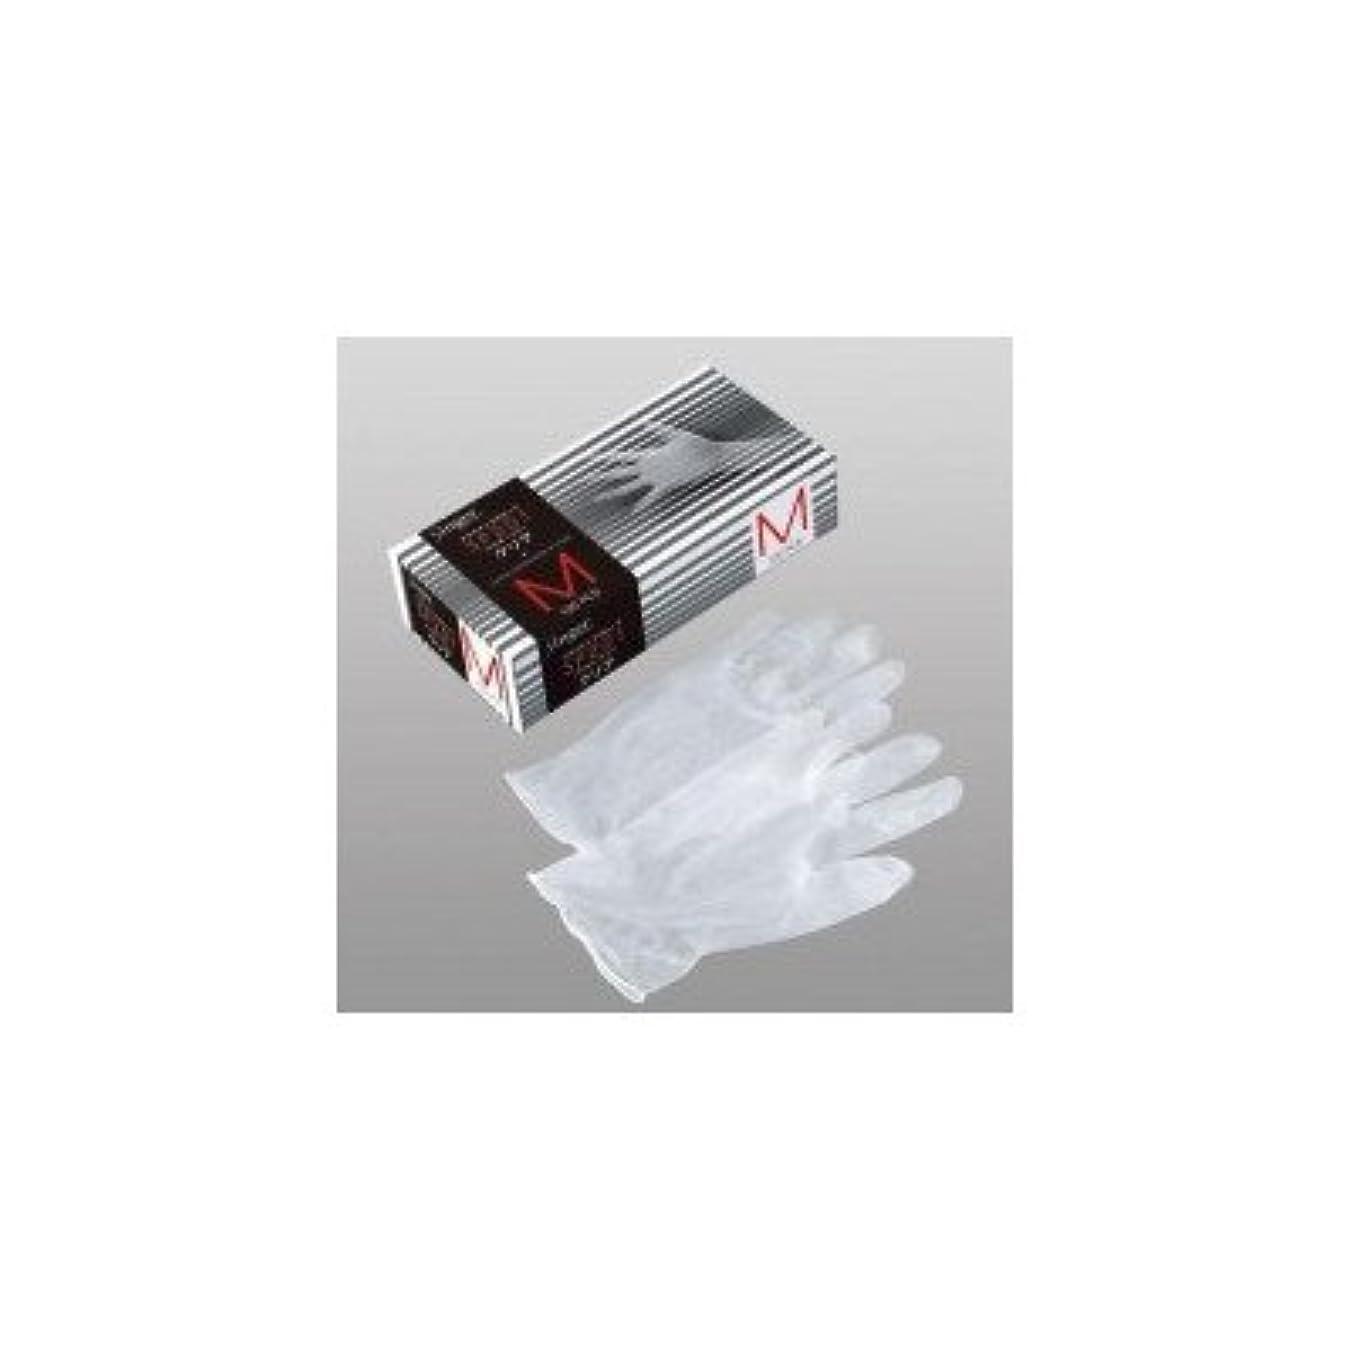 合併症軽食米ドルシンガープラスチックグローブ(手袋) SP201 パウダーフリー クリアー(100枚) S( 画像はイメージ画像です お届けの商品はSのみとなります)